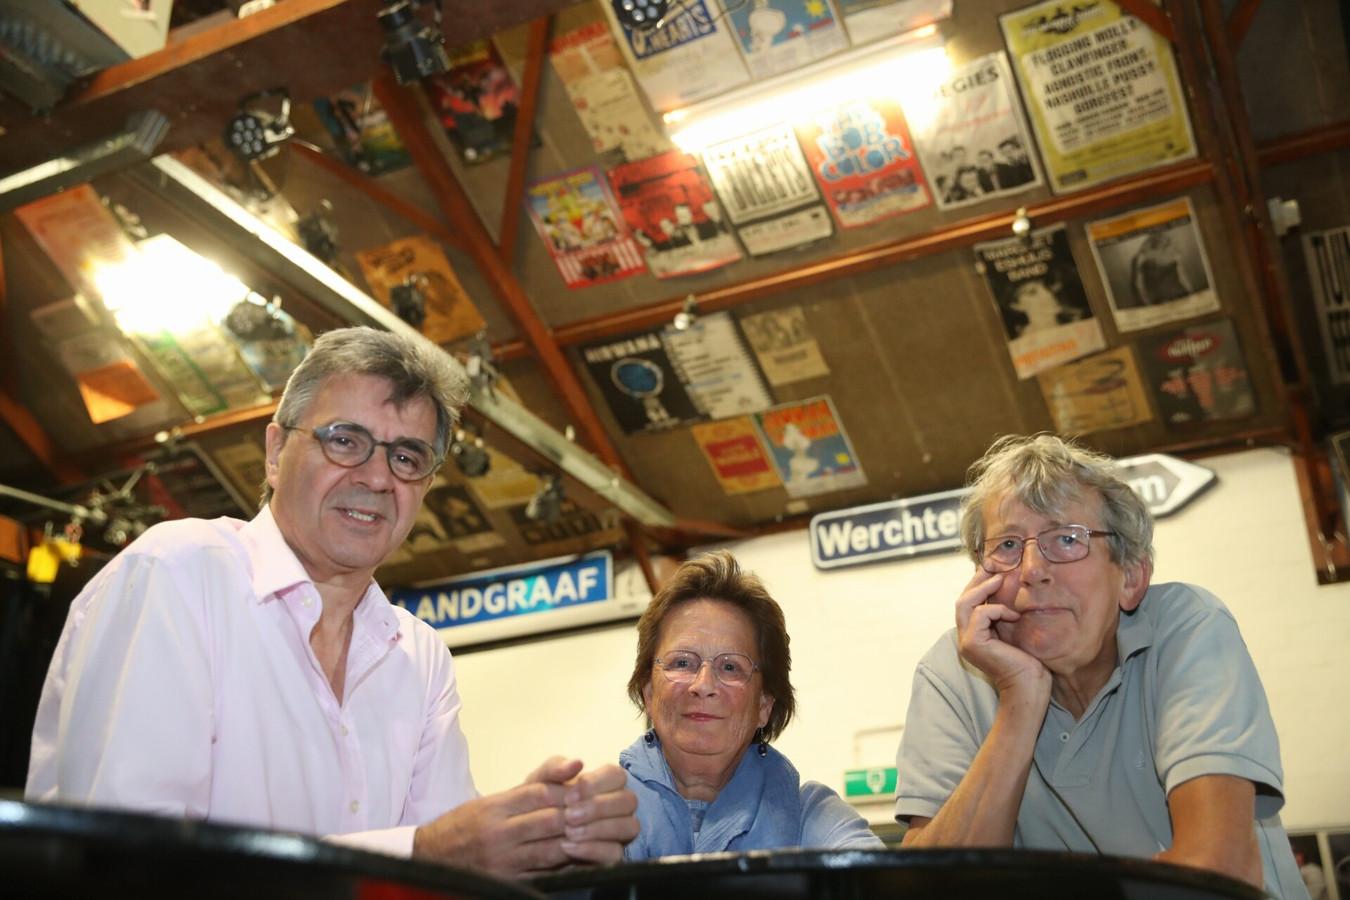 Vlnr: Martien Joosten, Mieke van Stiphout en Frans Cortooms in jongerencentrum Nirwana in Lierop